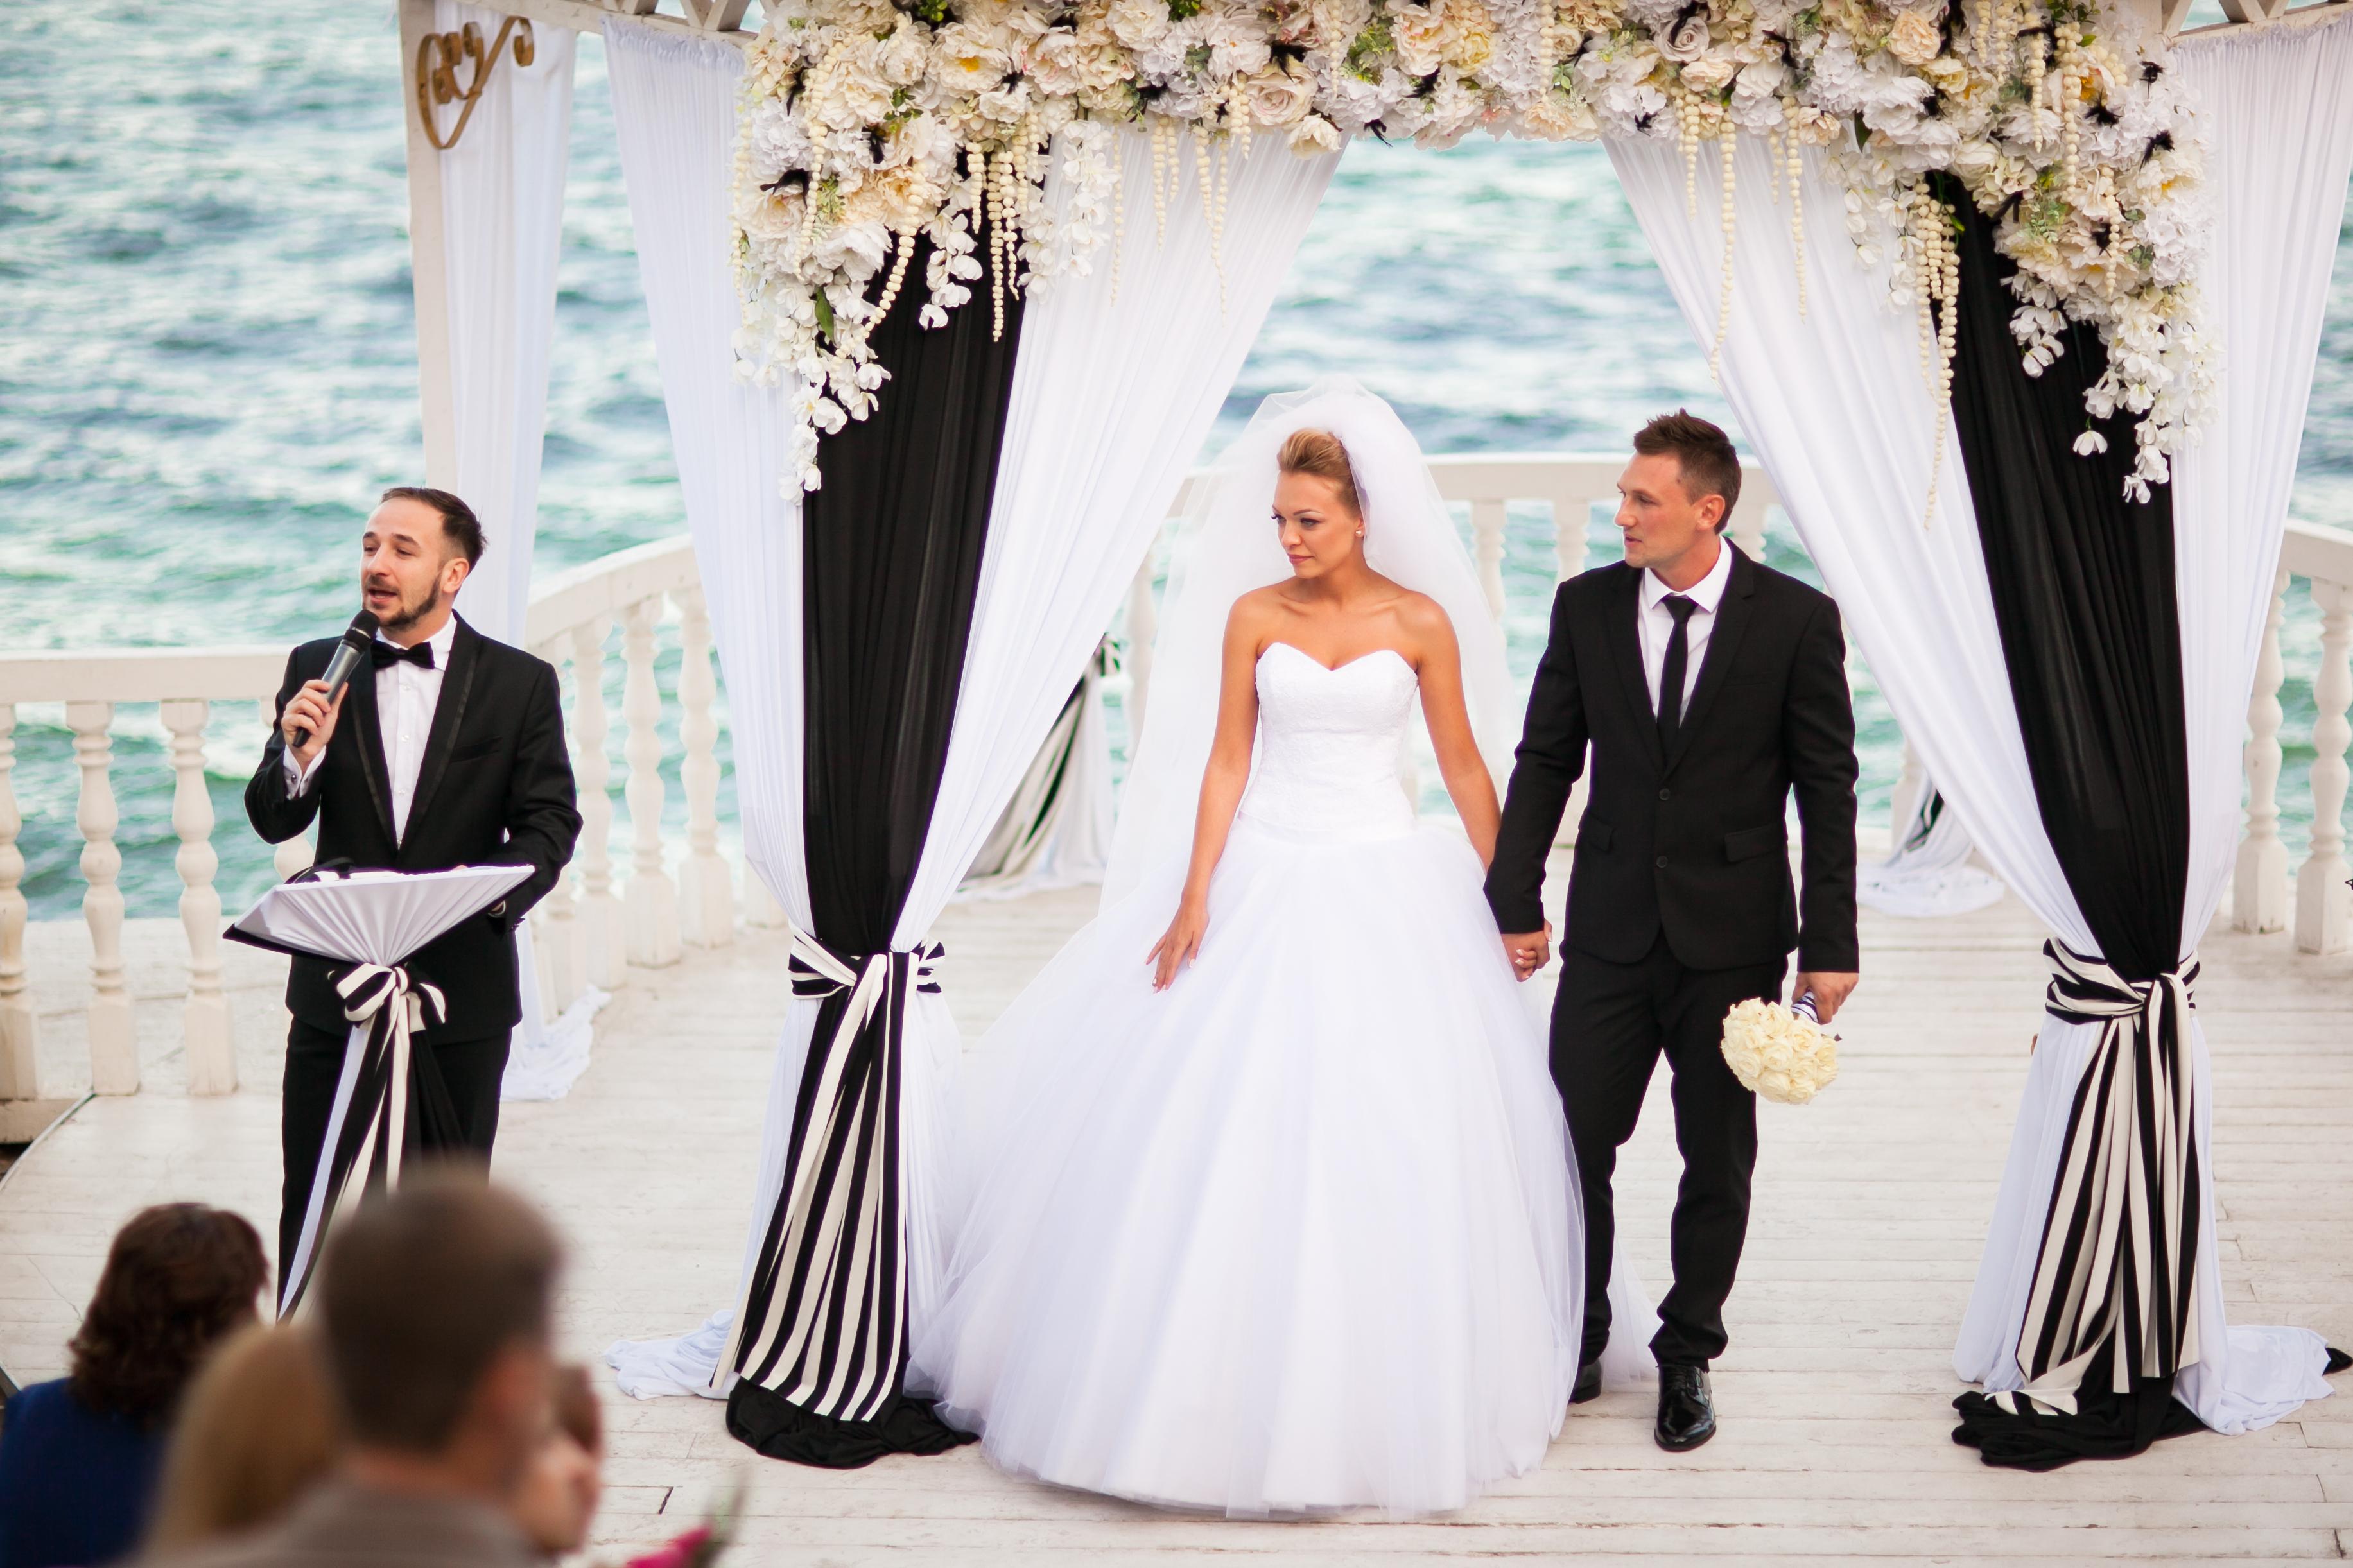 фото свадьбе красивое с музыкой к